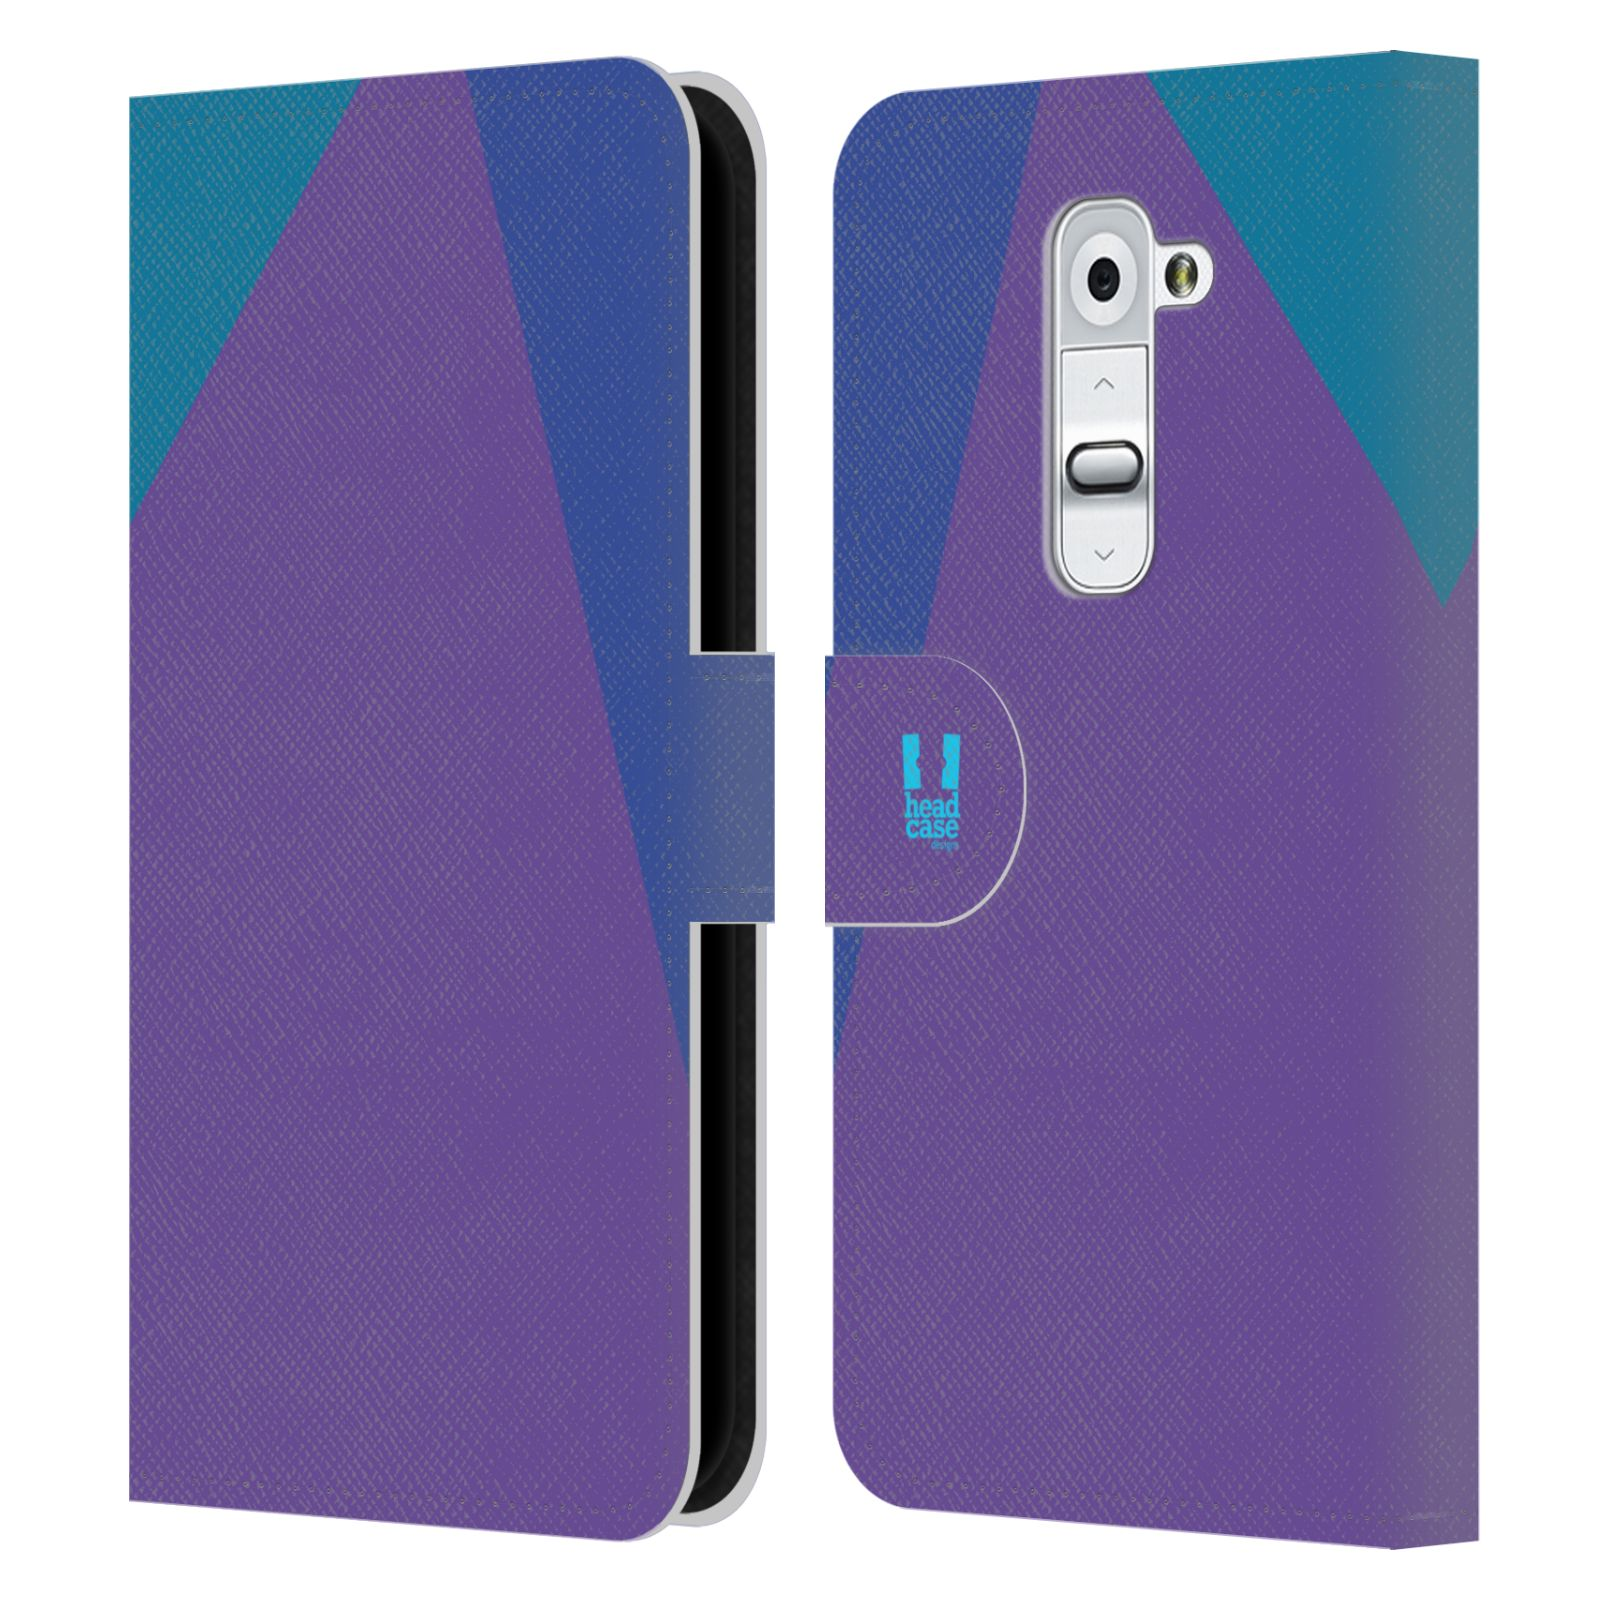 HEAD CASE Flipové pouzdro pro mobil LG G2 barevné tvary fialová feminine